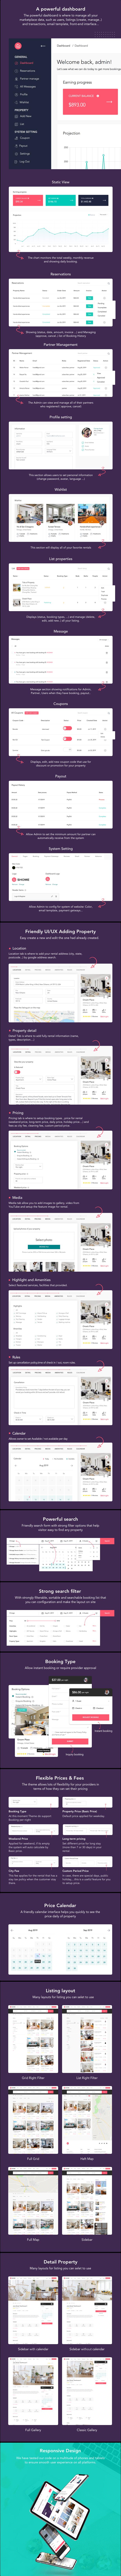 SHome | Marktplatz Immobilien WordPress Theme - 8